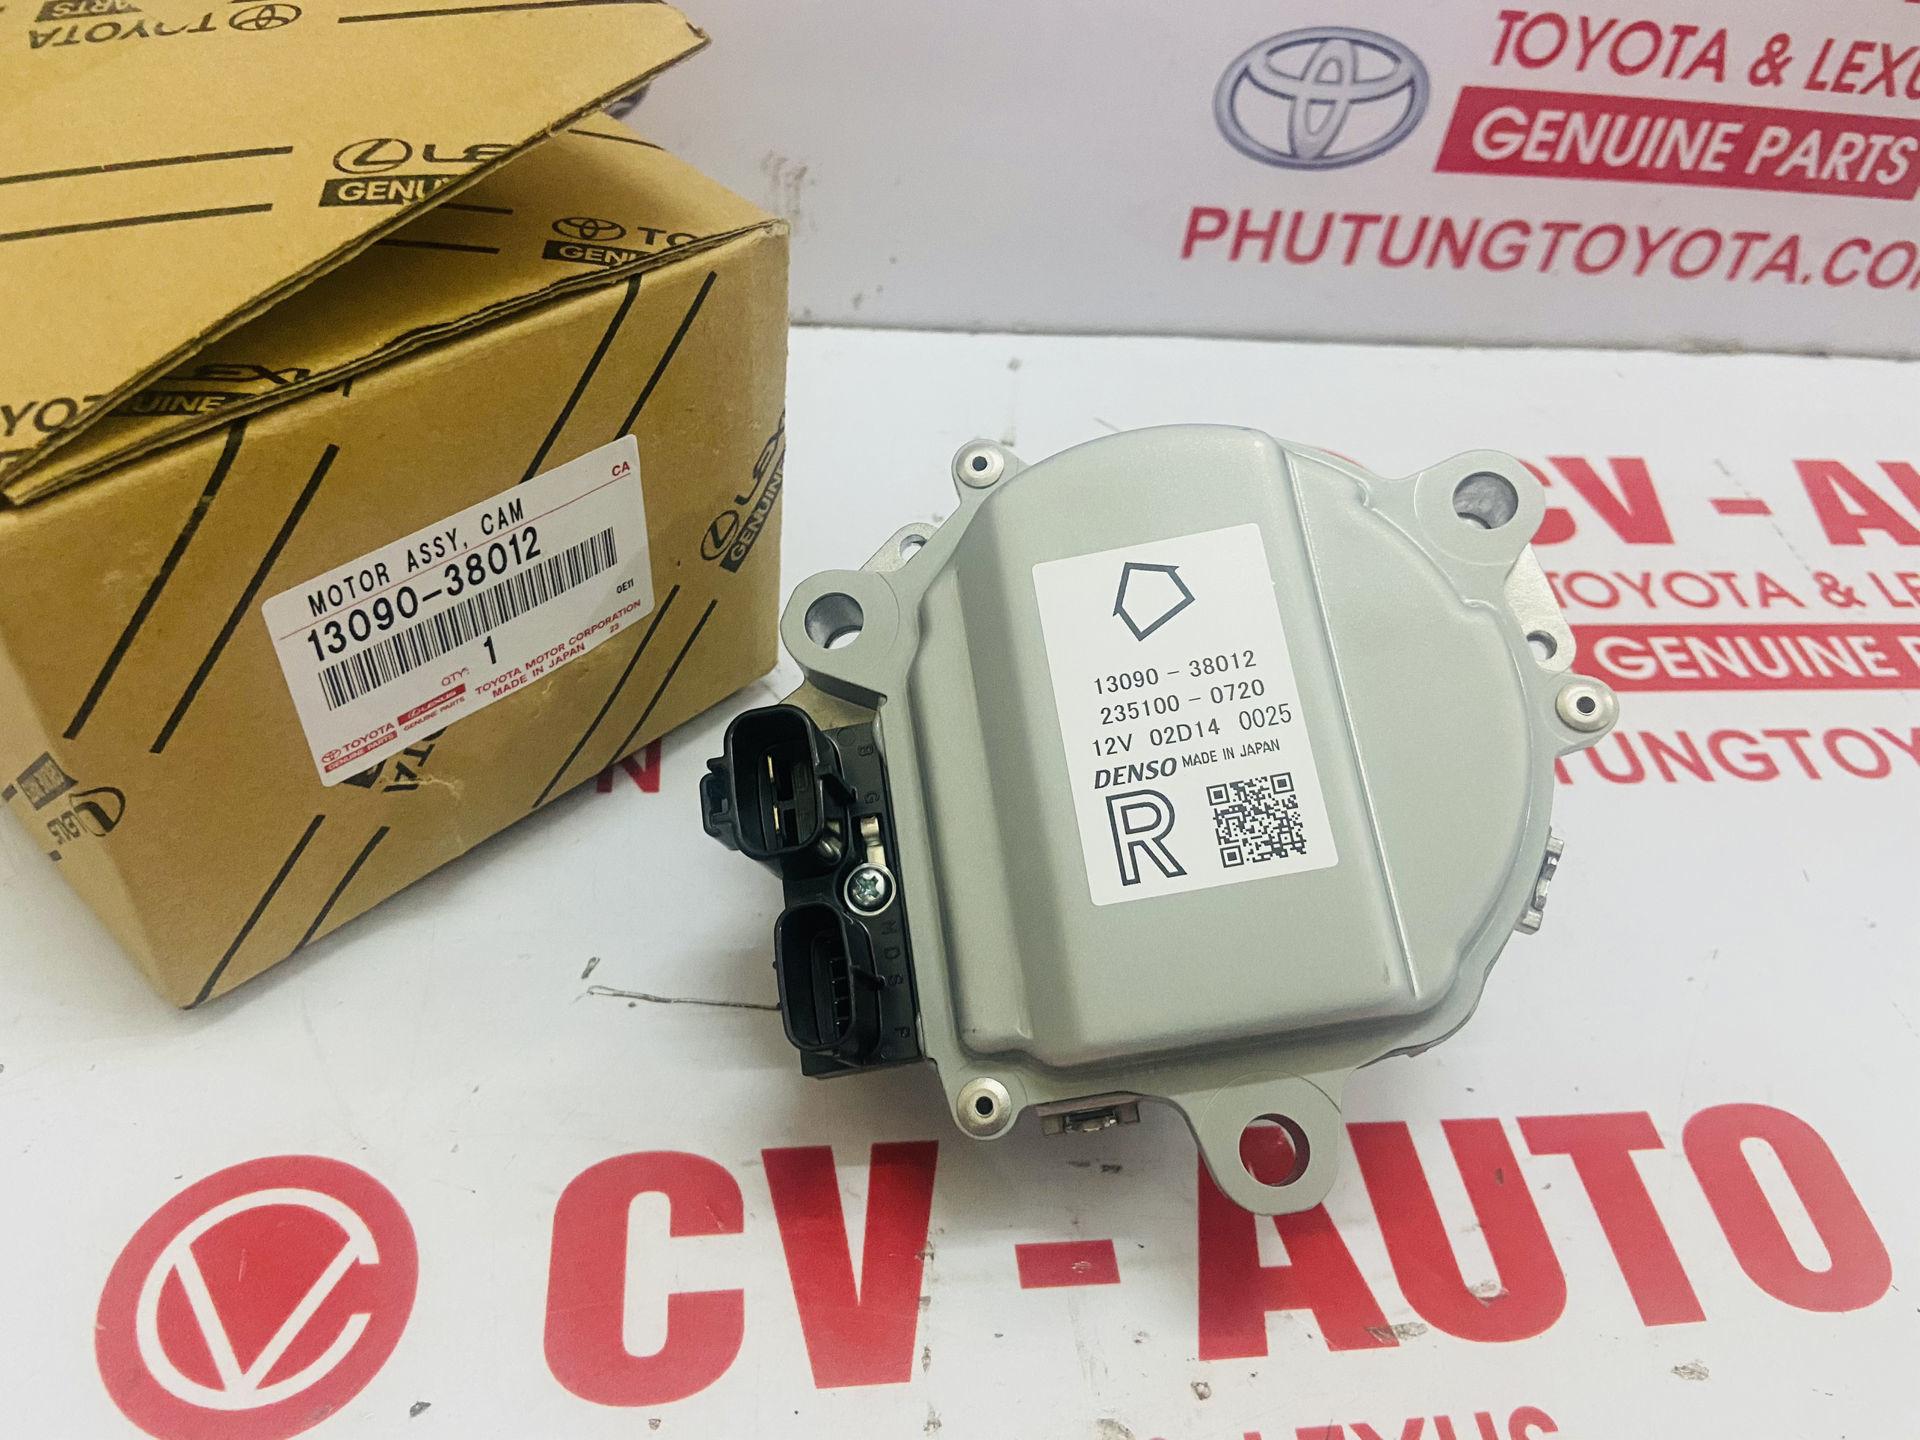 Picture of 13090-38012, 1309038012 Mô tơ điều khiển trục cam Lexus LS460 chính hãng